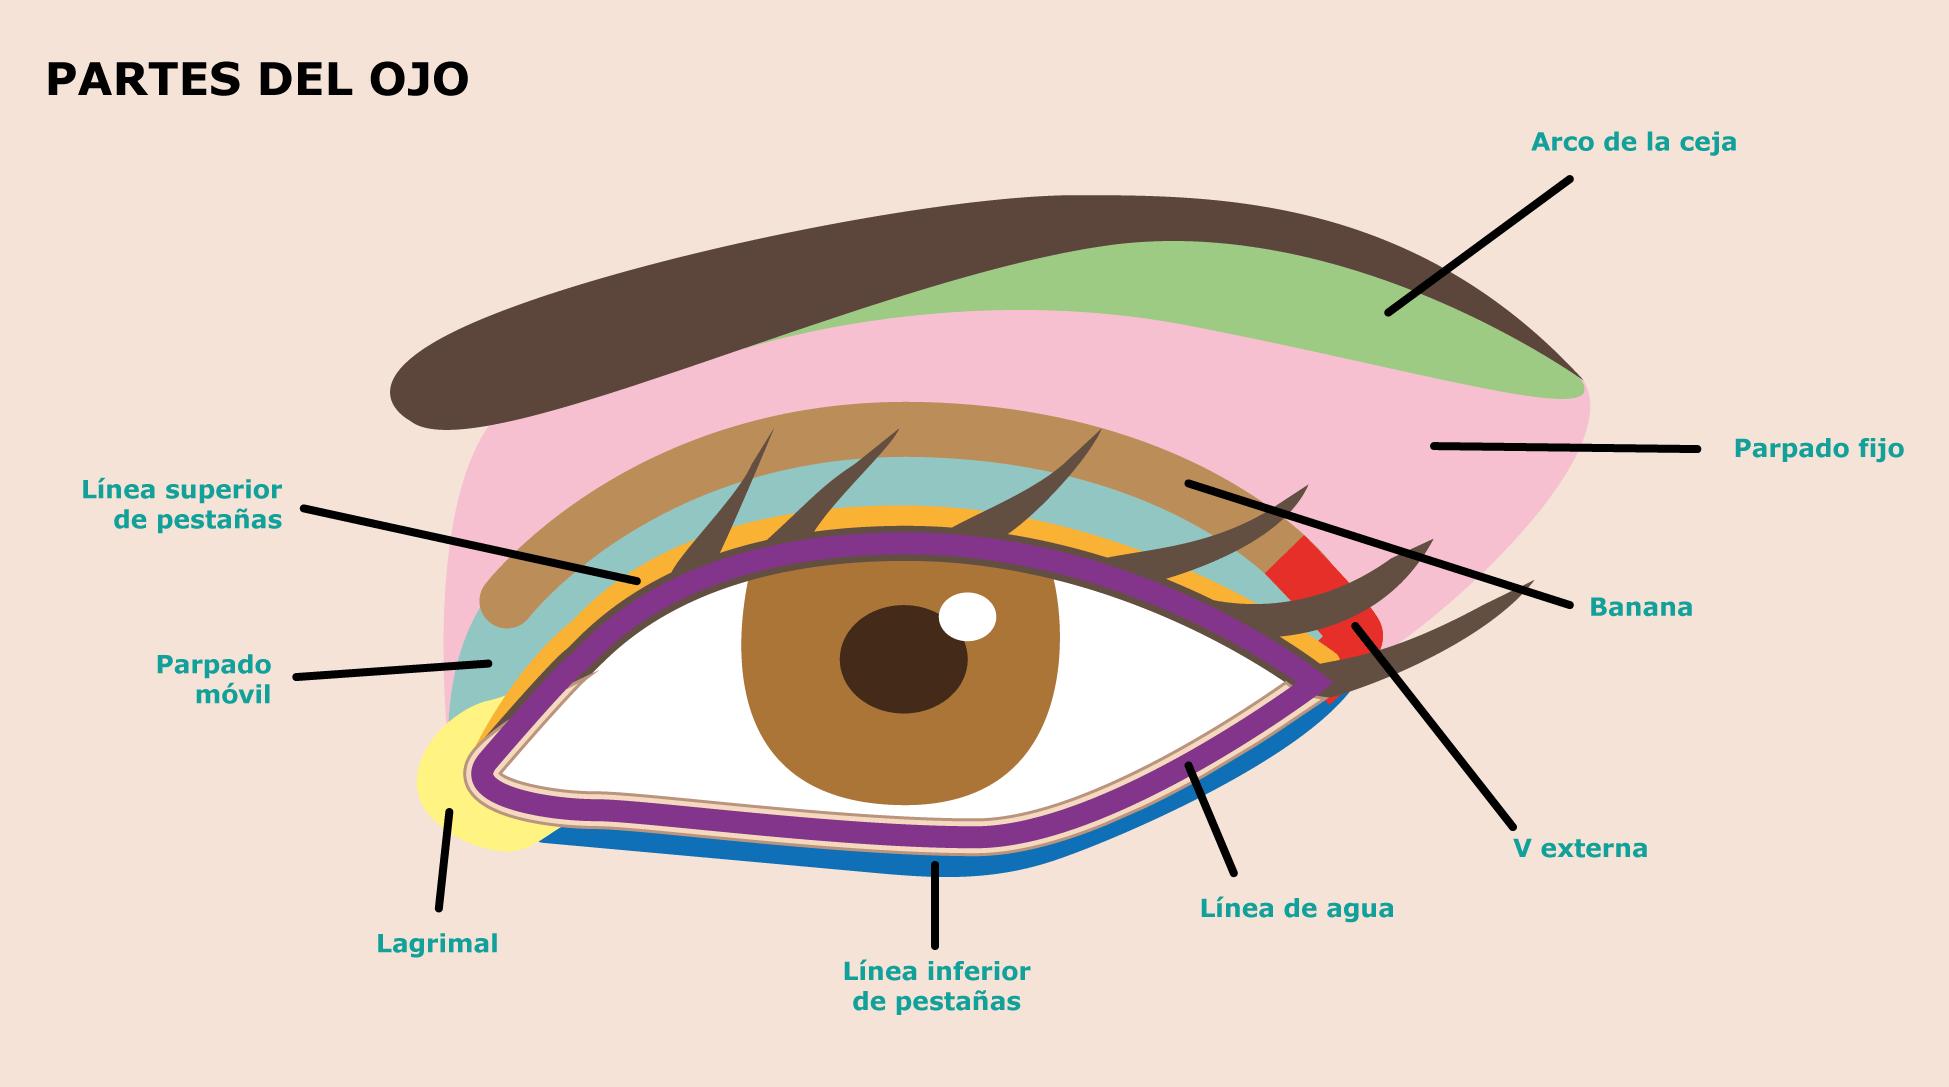 23-partes-del-ojo